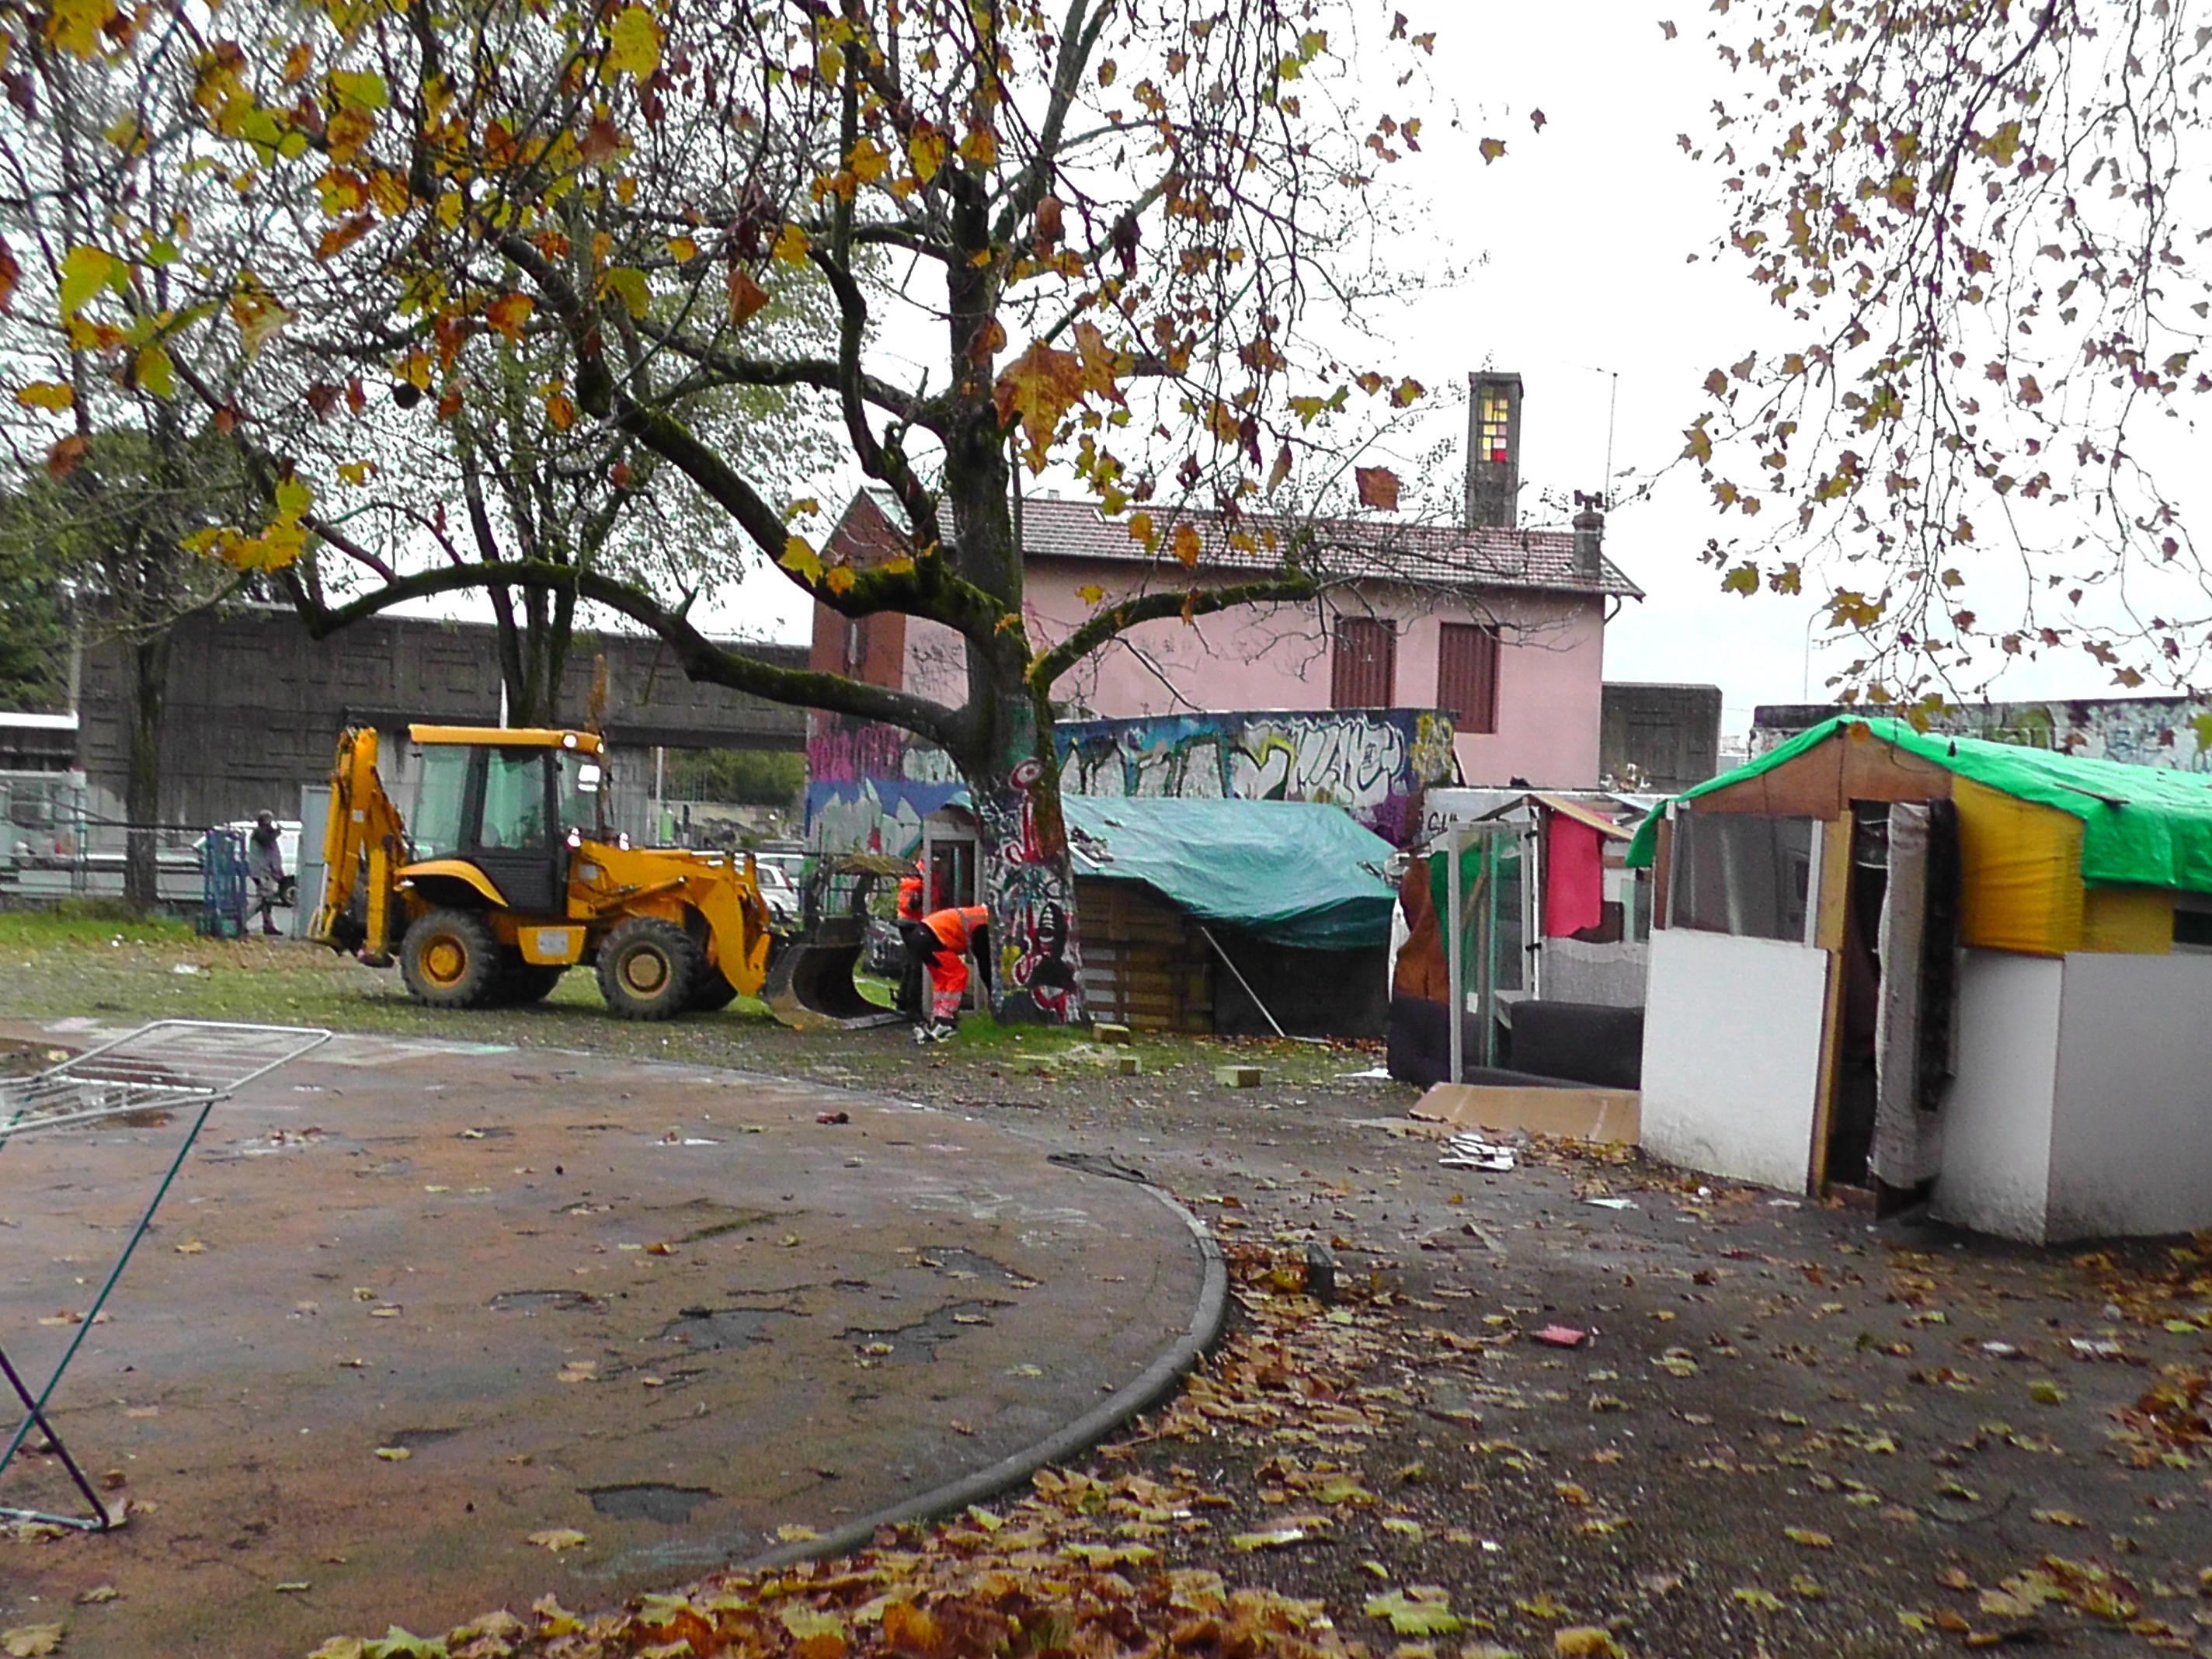 Un bulldozer s'apprête à raser les cabanes. Photo Alban Elkaïm